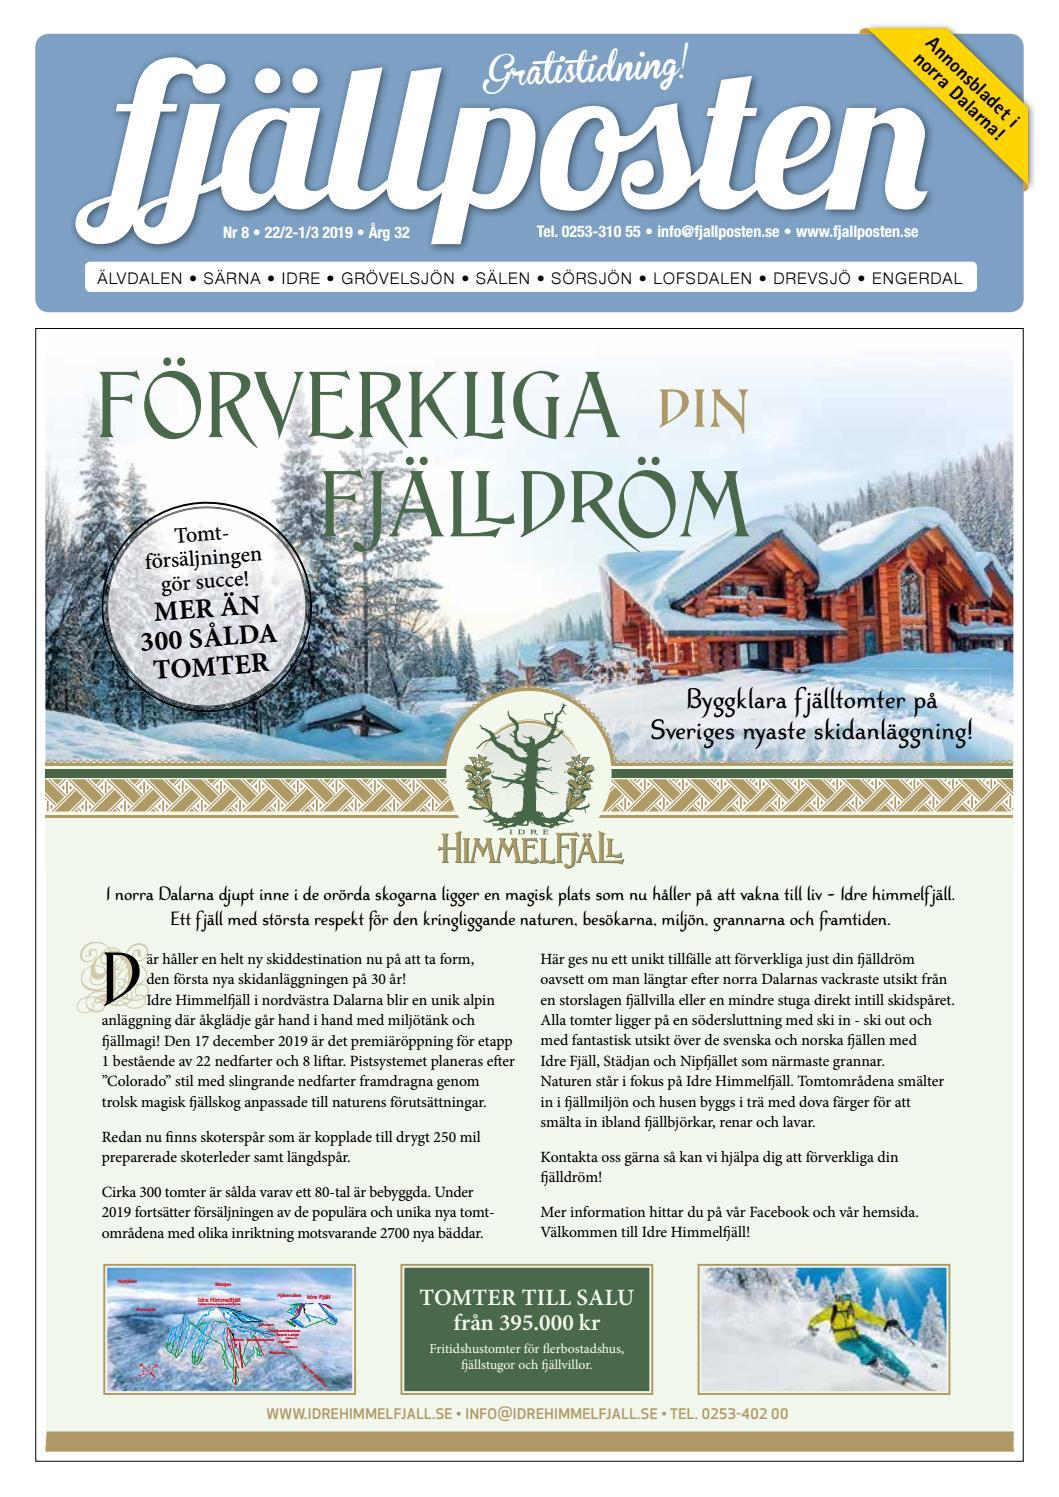 Fjällposten nr 8 2019 by Malin Holmgren - issuu 6ecf2c4f8cc60